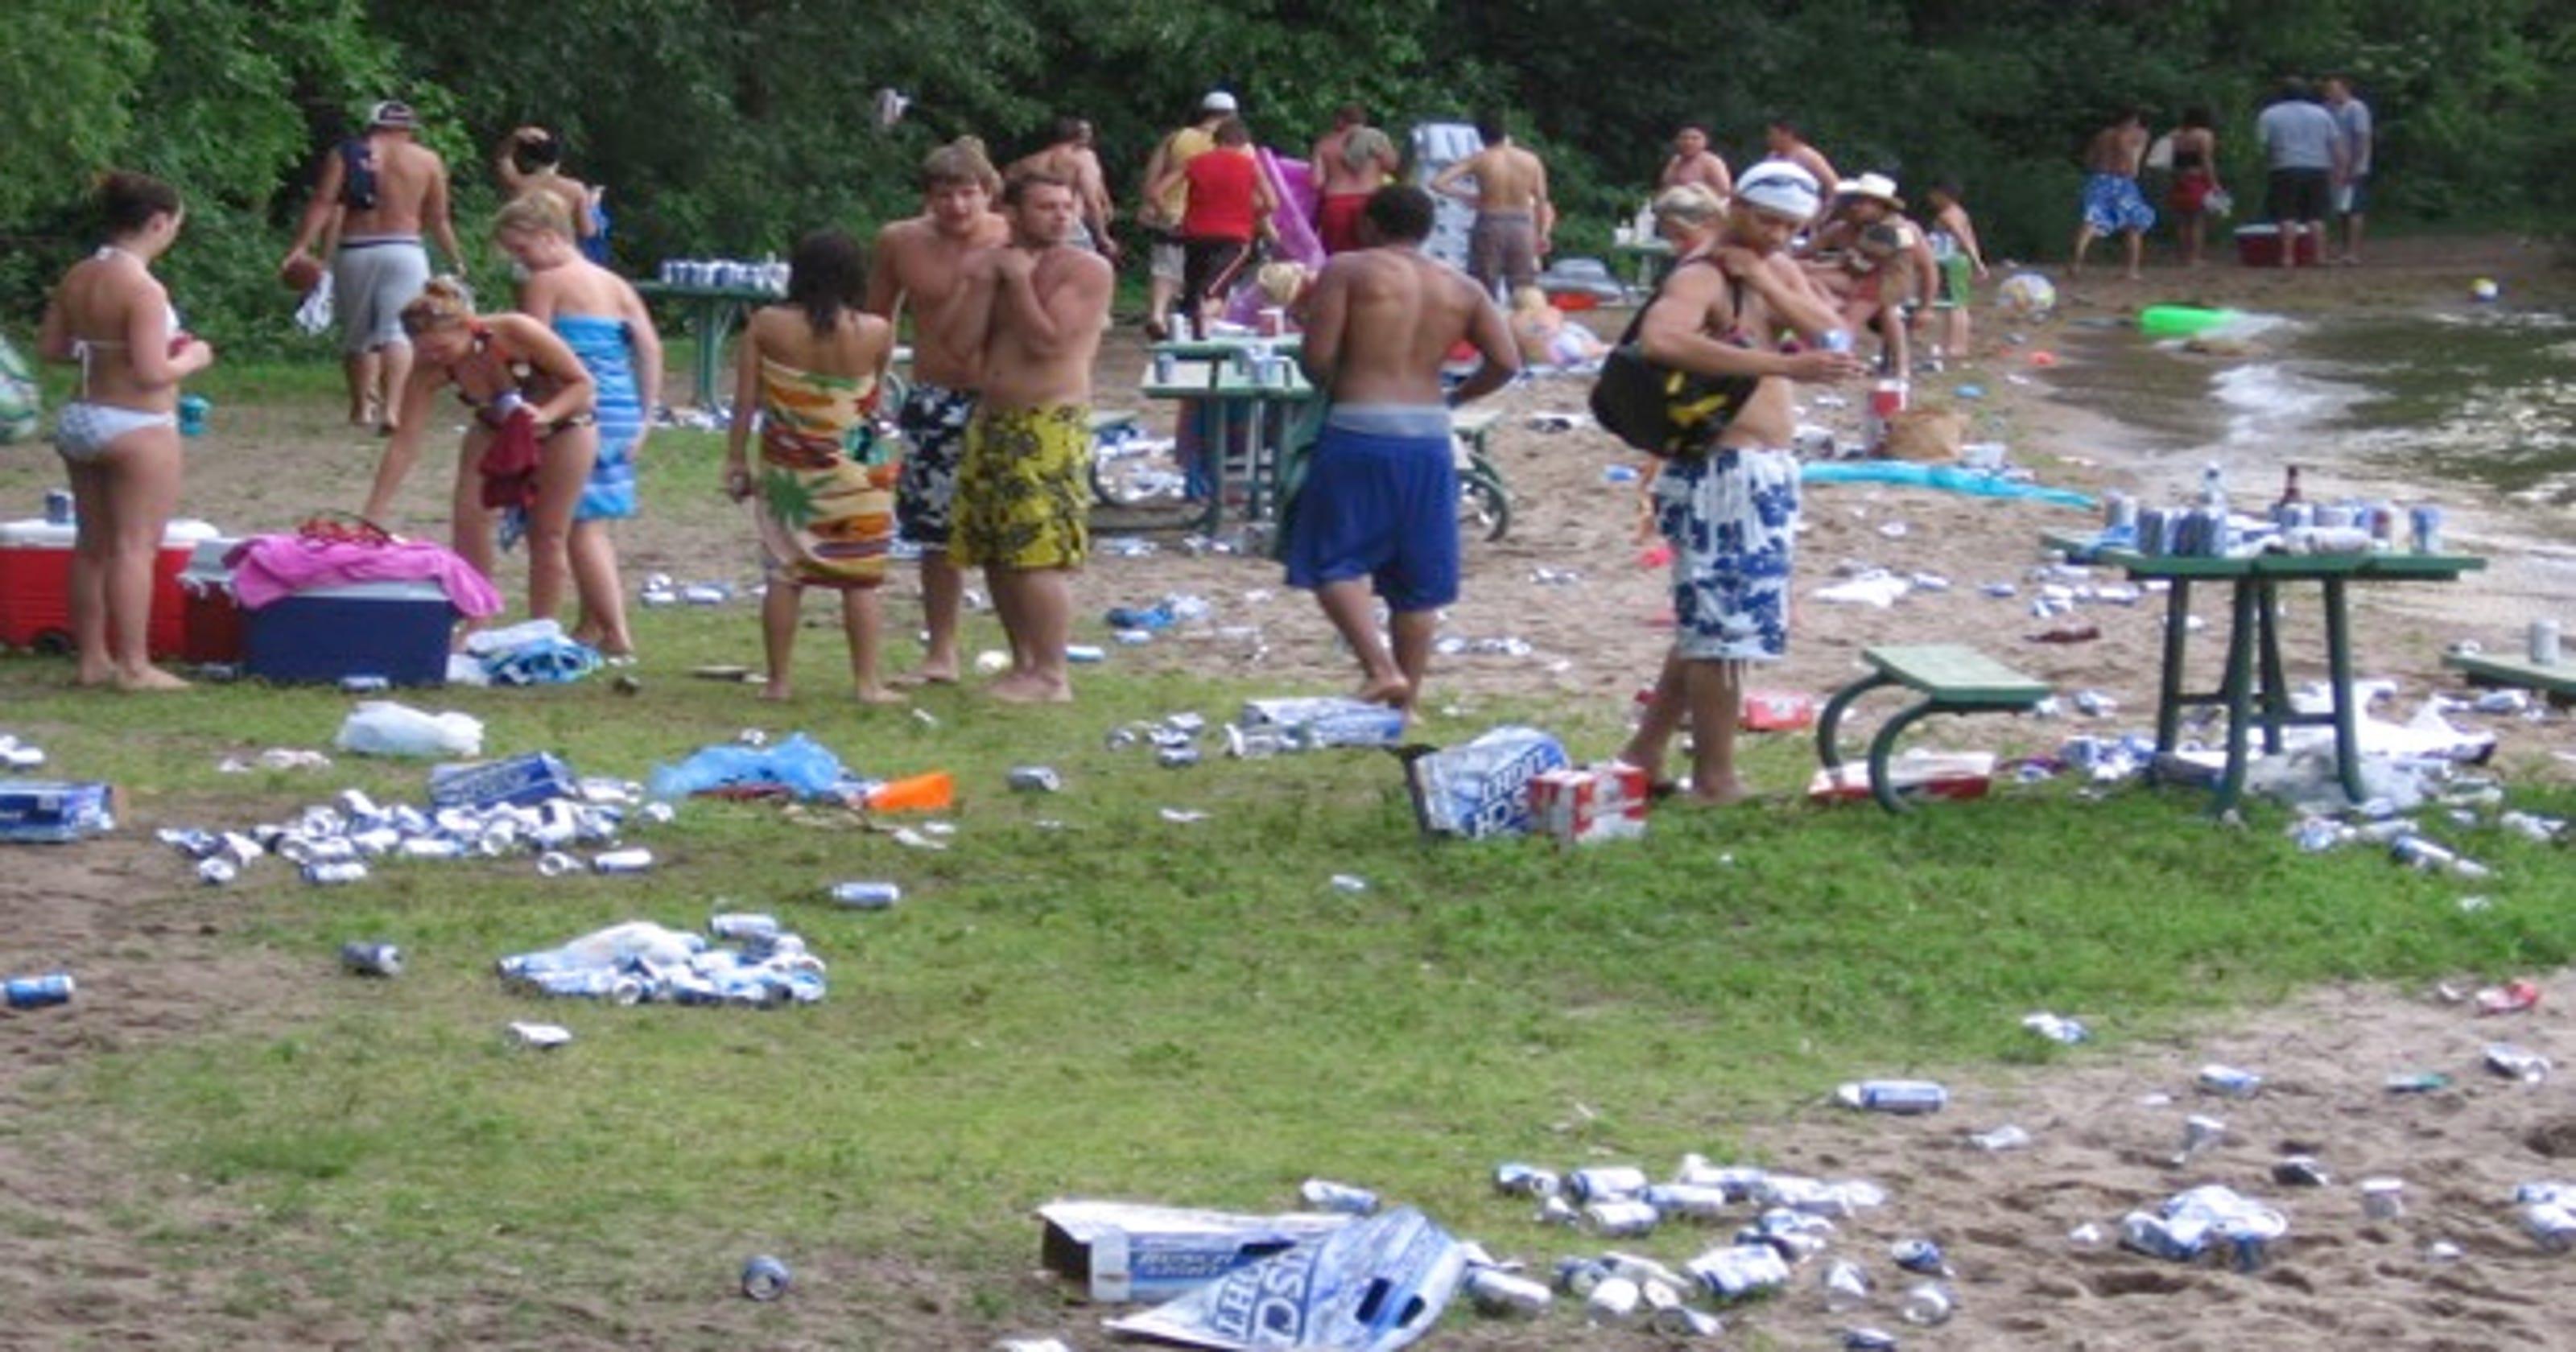 Dnr Seeks Booze Ban At Some Iowa Beaches